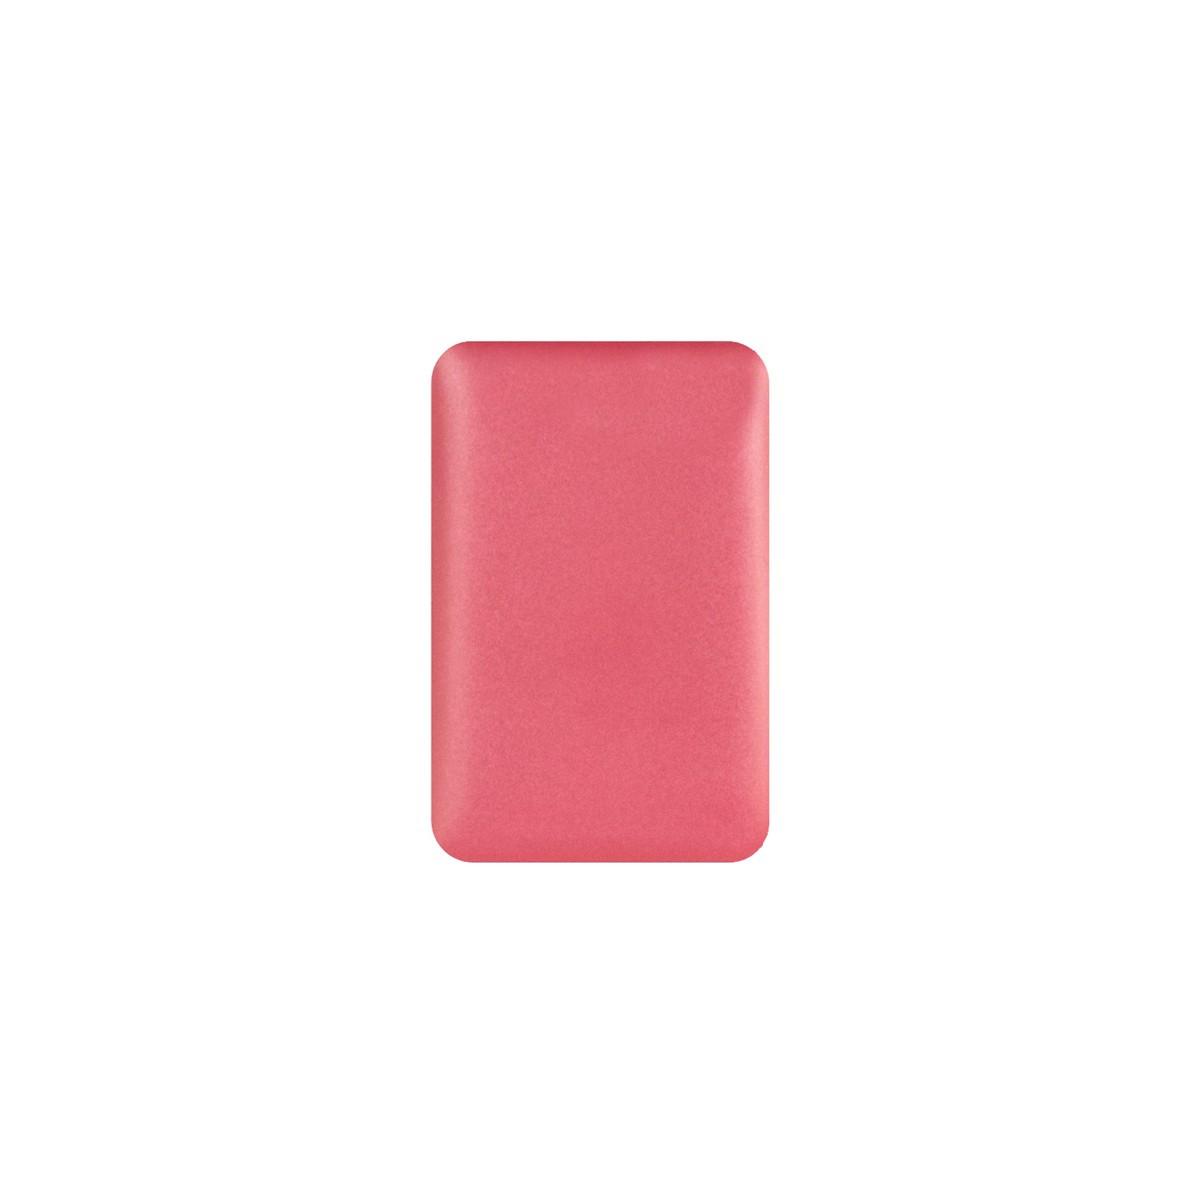 JUST LipGloss Губная помада 1J (32мм*21мм) 1.5г (запаска) магнит (-30%)  т.216